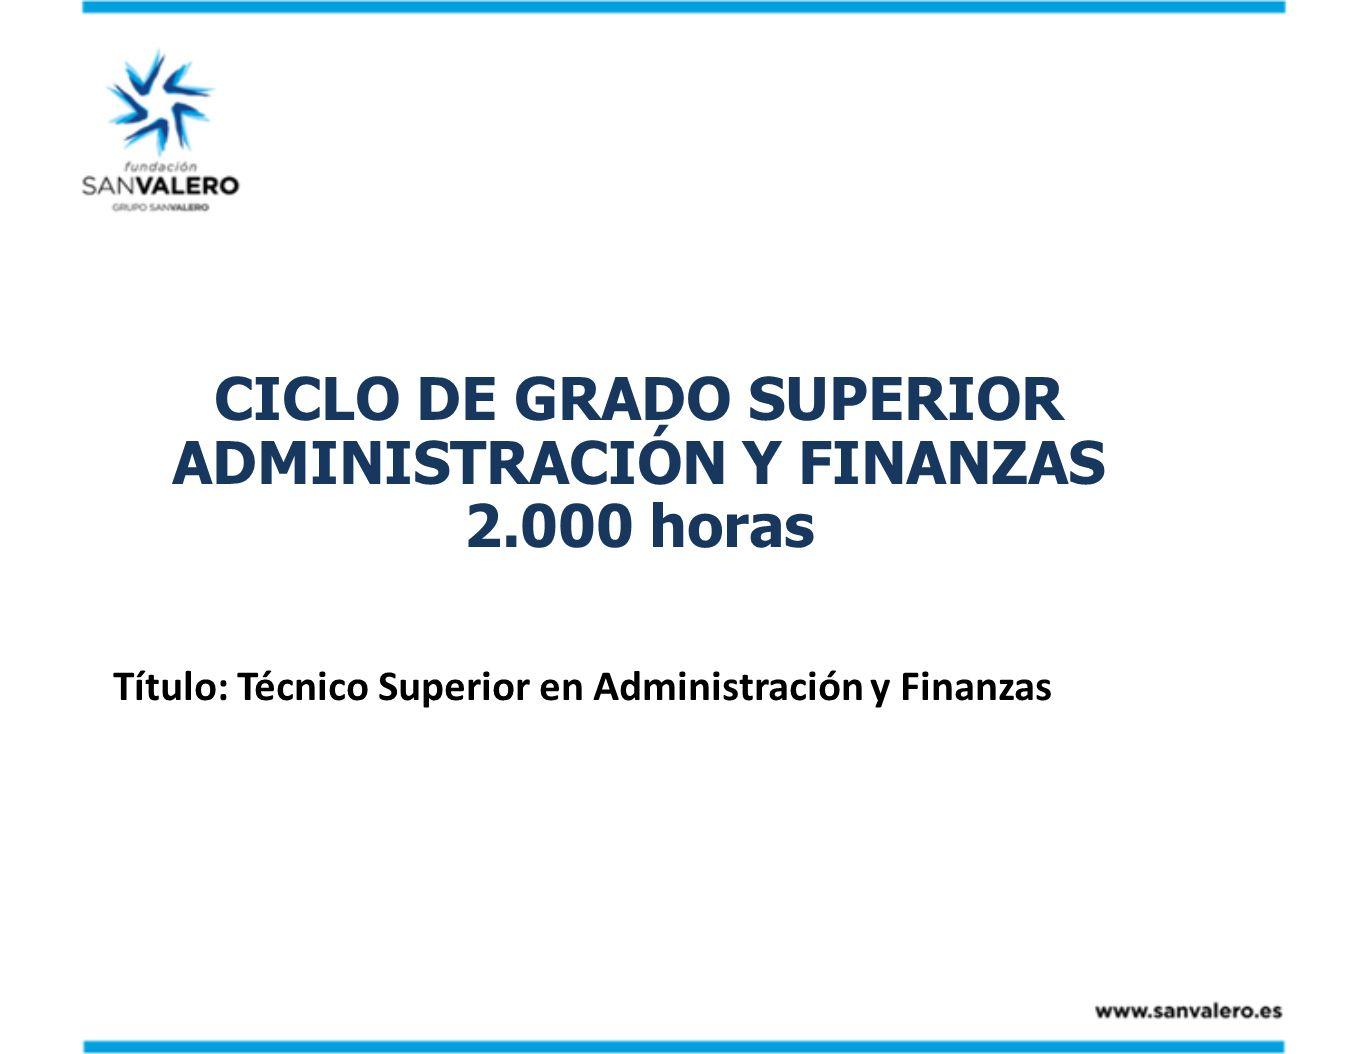 CICLO DE GRADO SUPERIOR ADMINISTRACIÓN Y FINANZAS 2.000 horas